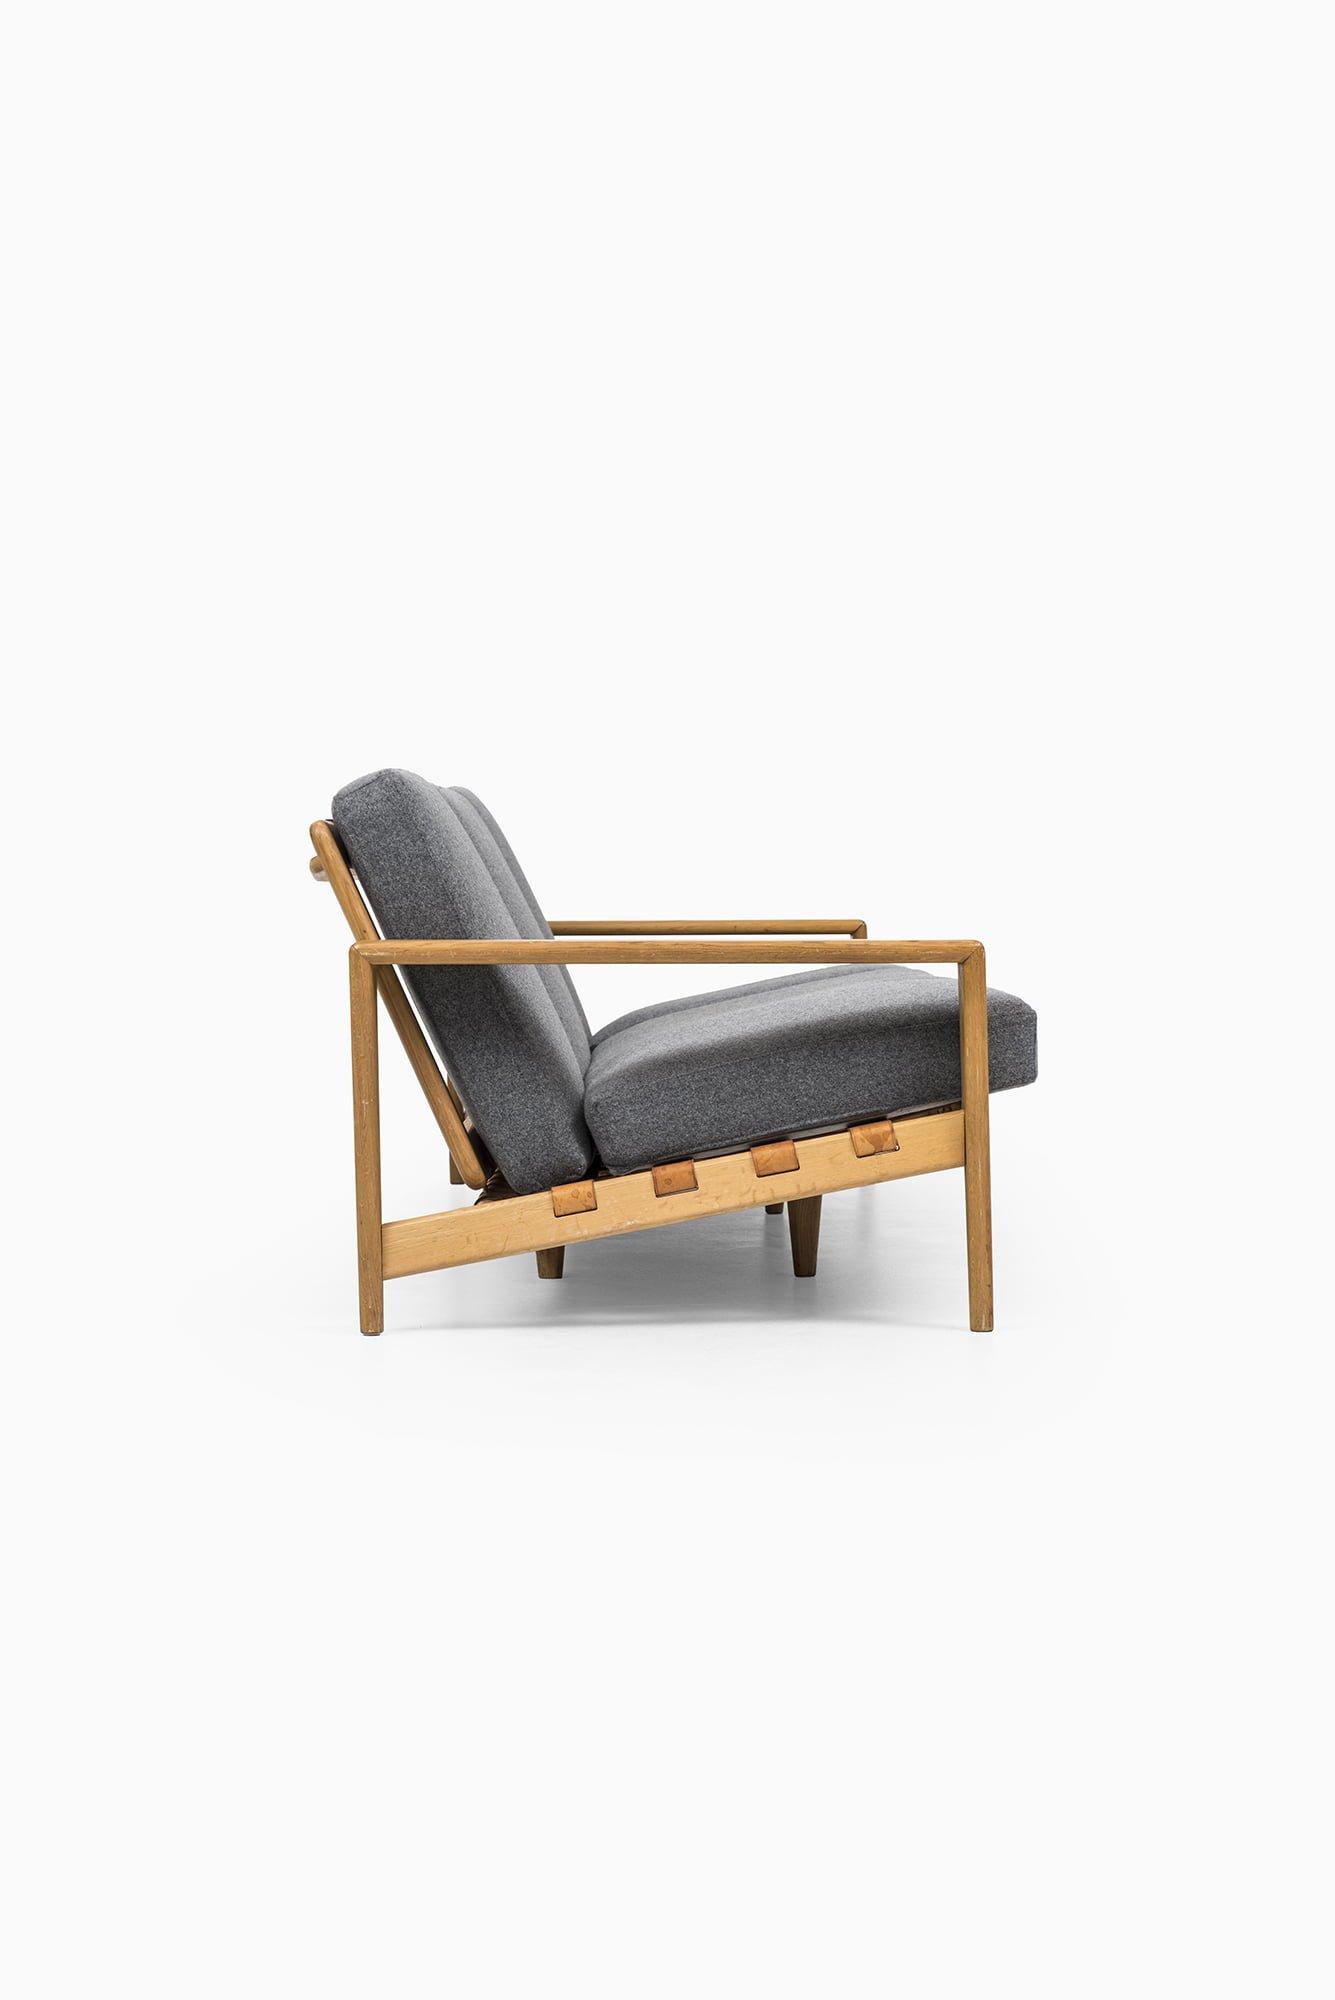 Svante Skogh sofa by Seffle Möbelfabrik at Studio Schalling